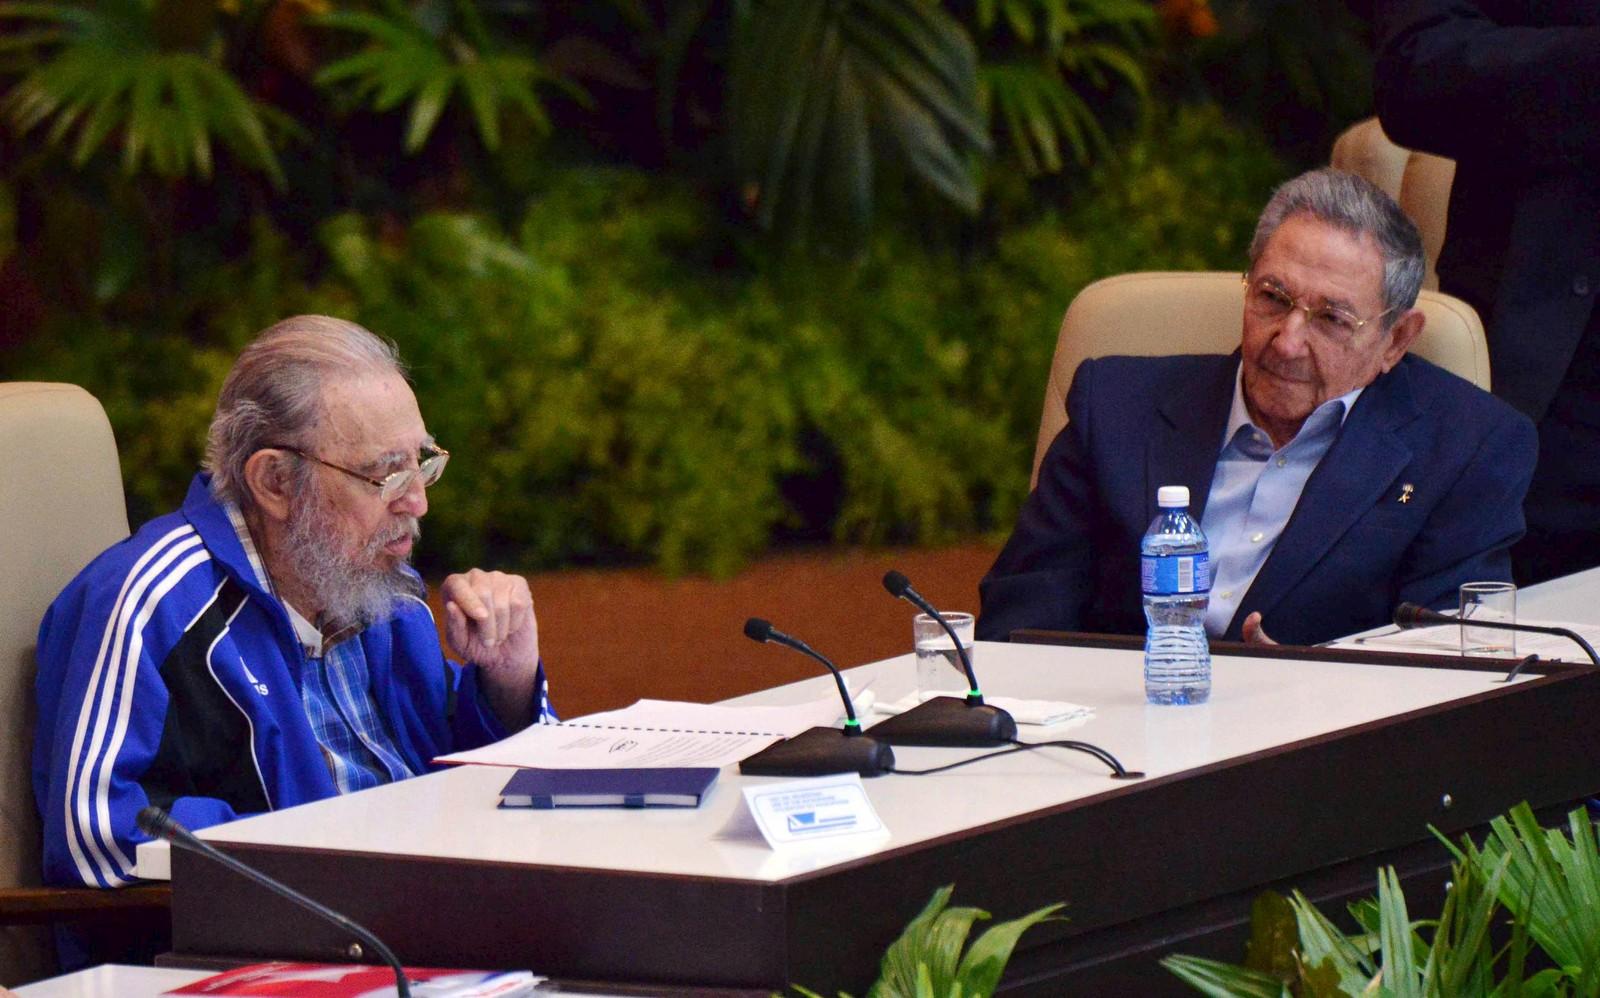 Det siste bildet som er tatt av Castro-brødrene, som til sammen har styrt Cuba i over fem tiår. Den tidligere presidenten taler under kommunistpartiets kongress i april 2016, mens den nåværende lytter på.